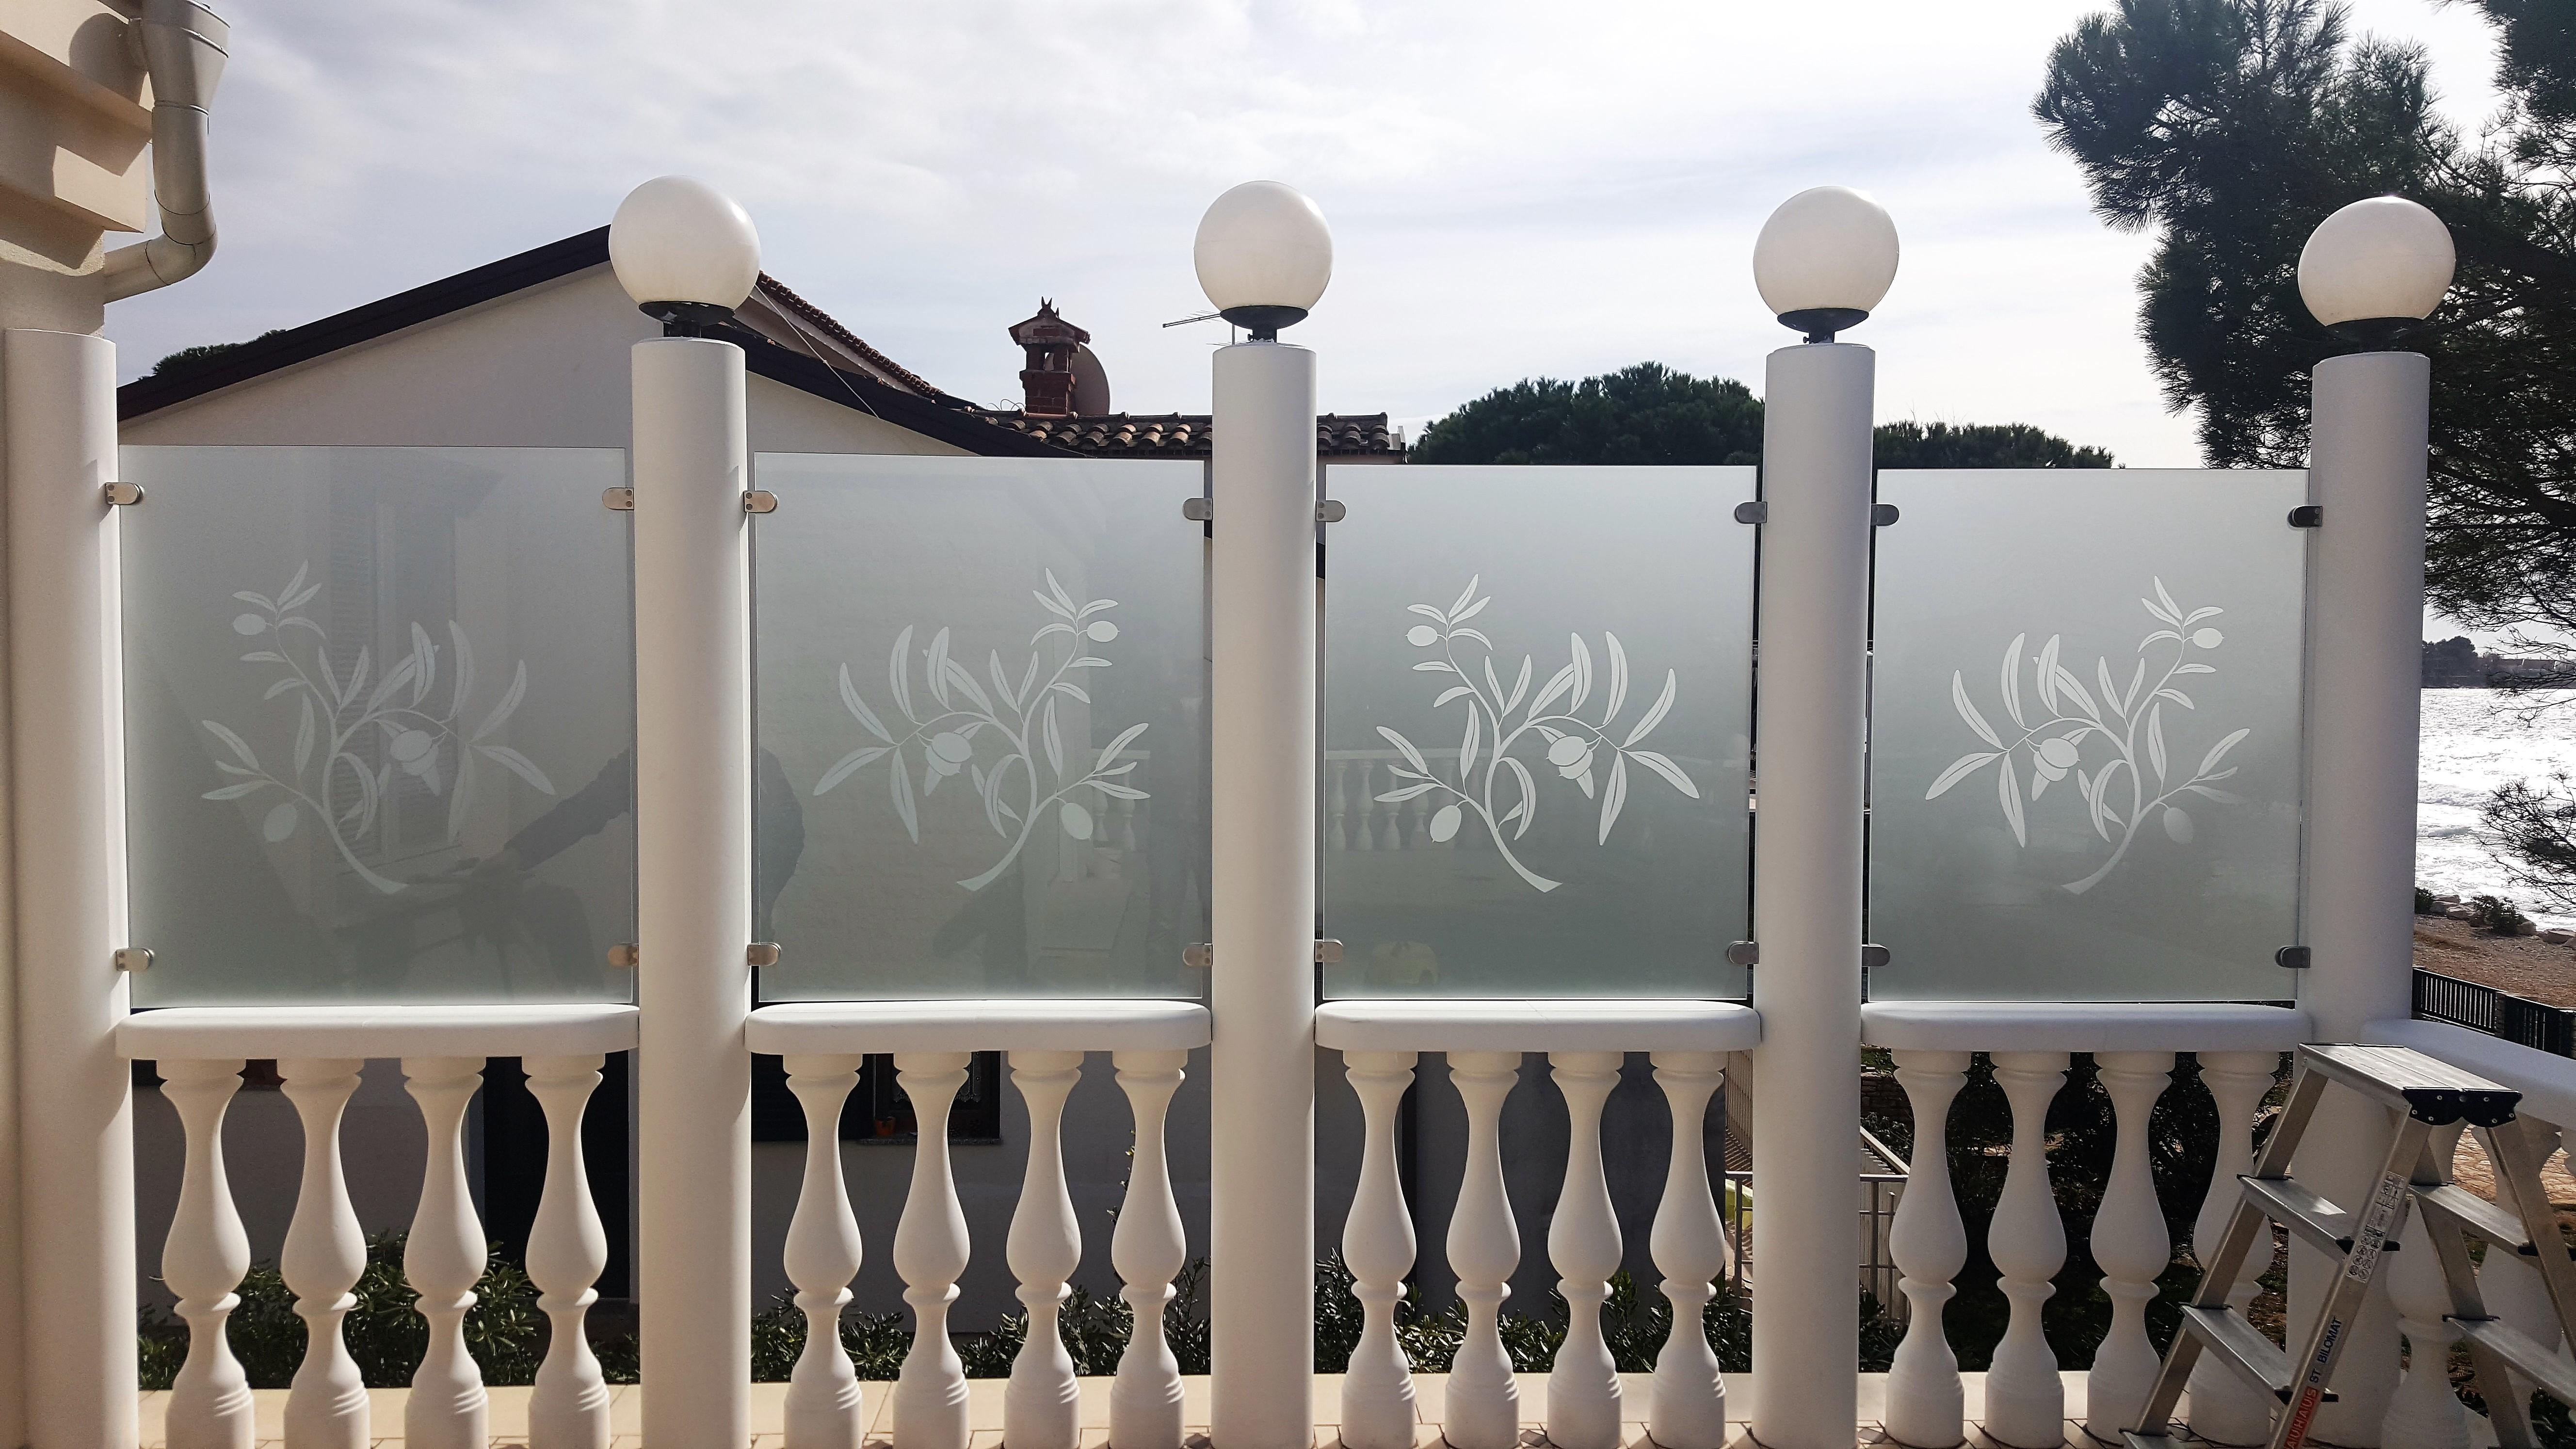 Ograja-jedkano steklo s peskanim vzorcem